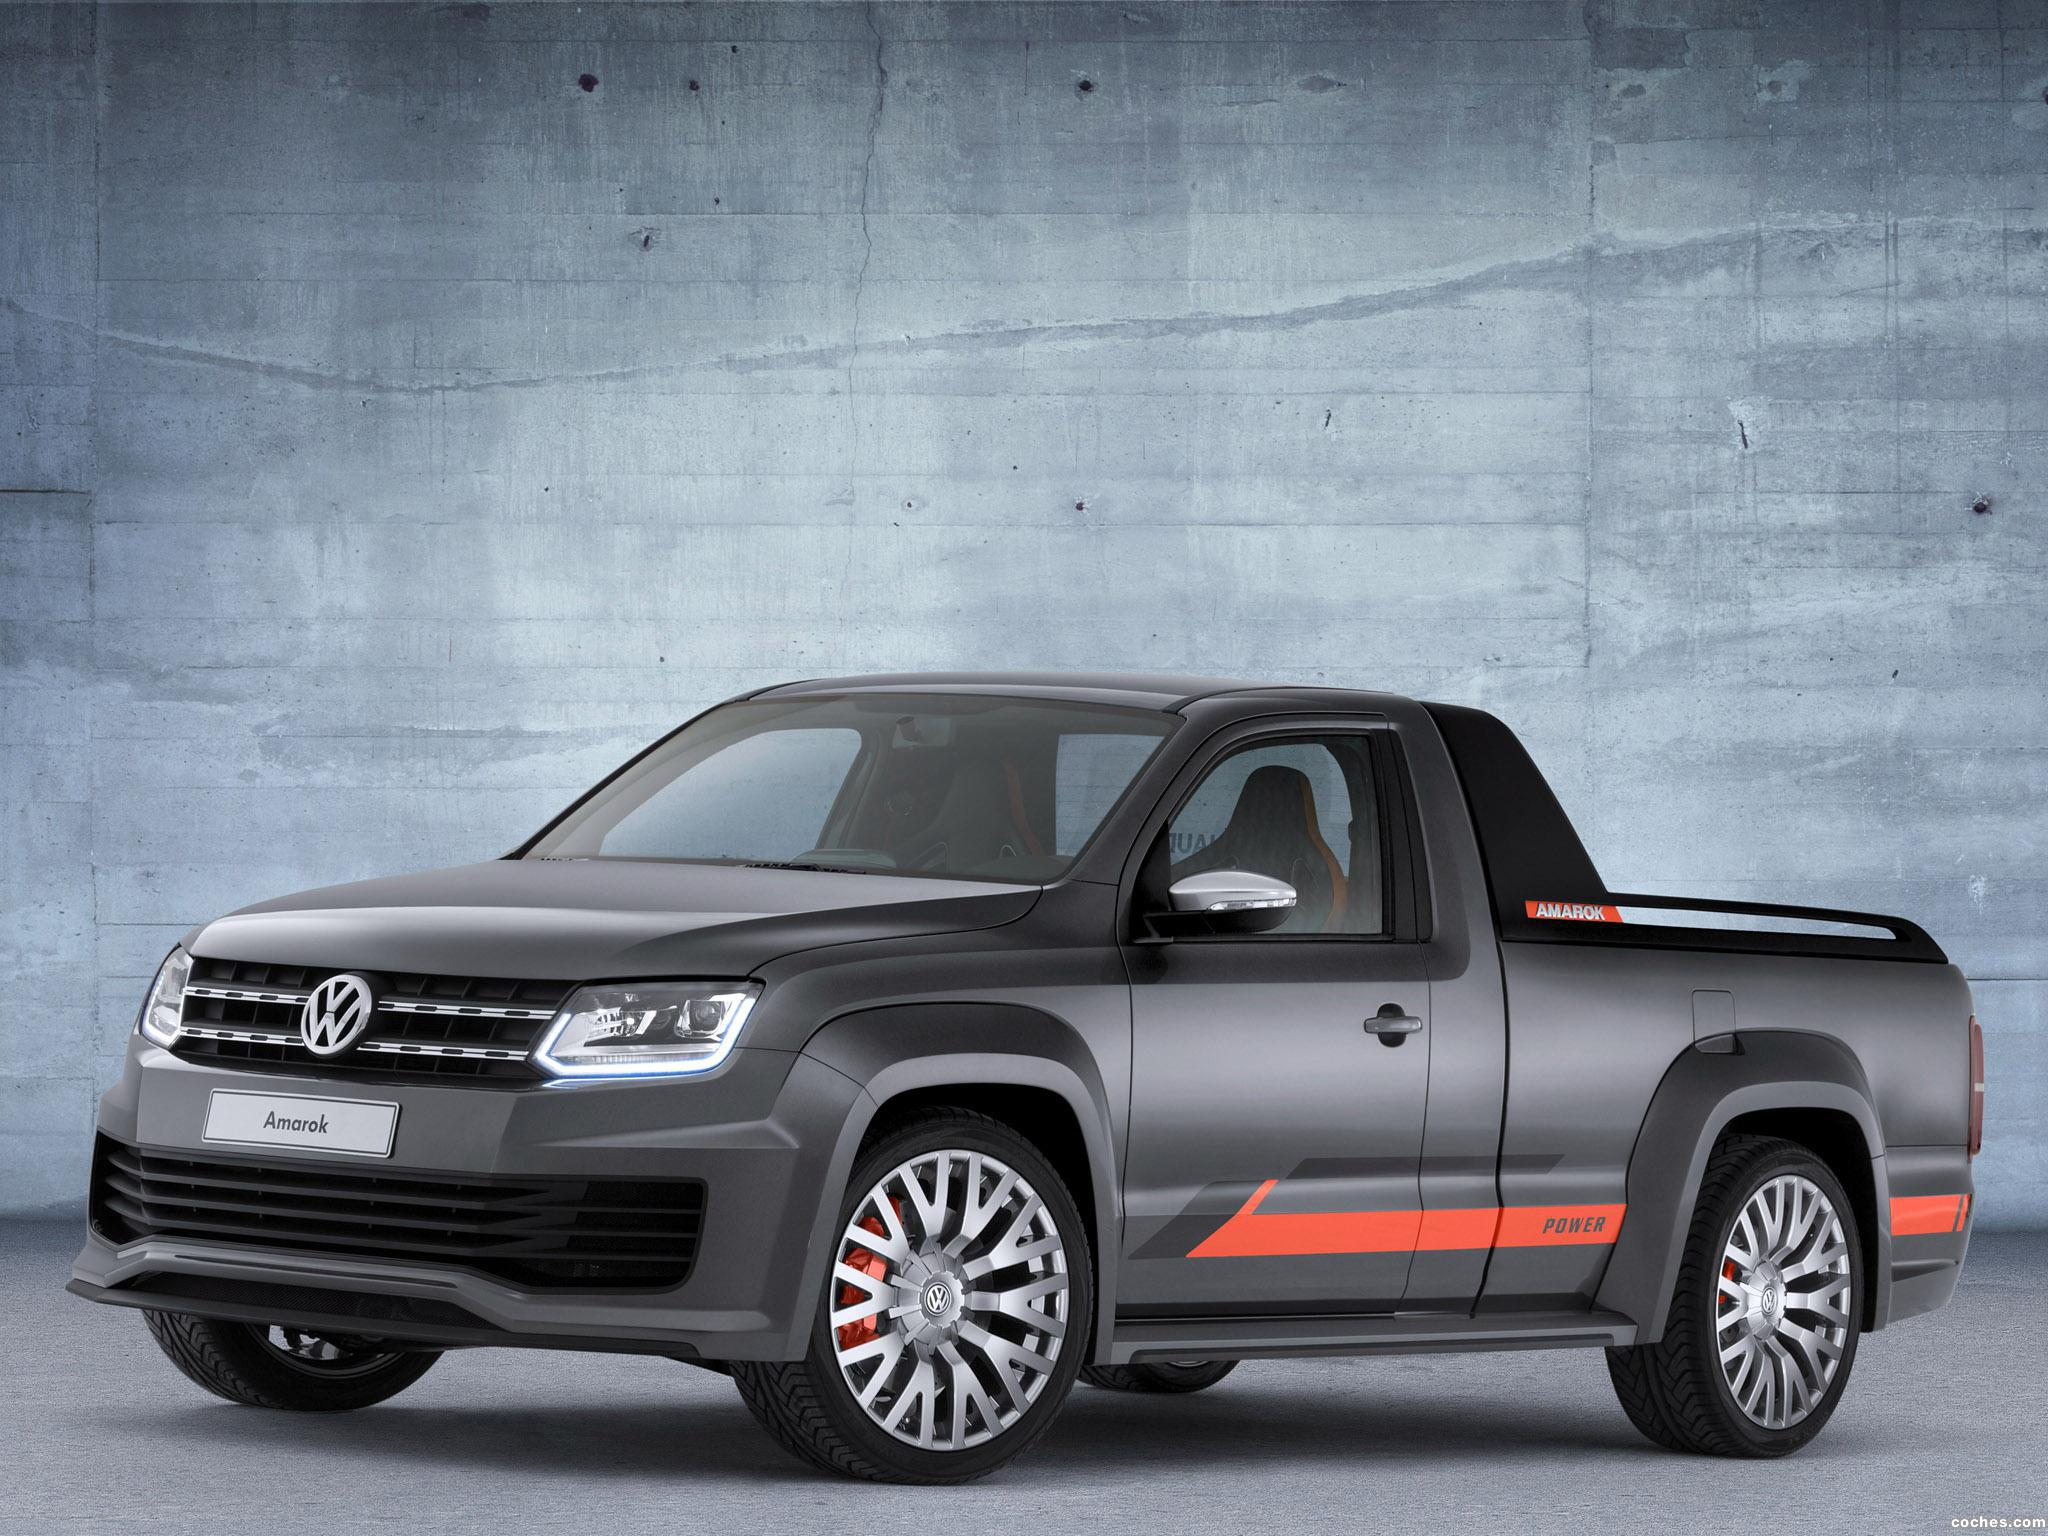 Foto 0 de Volkswagen Amarok Power Concept 2013